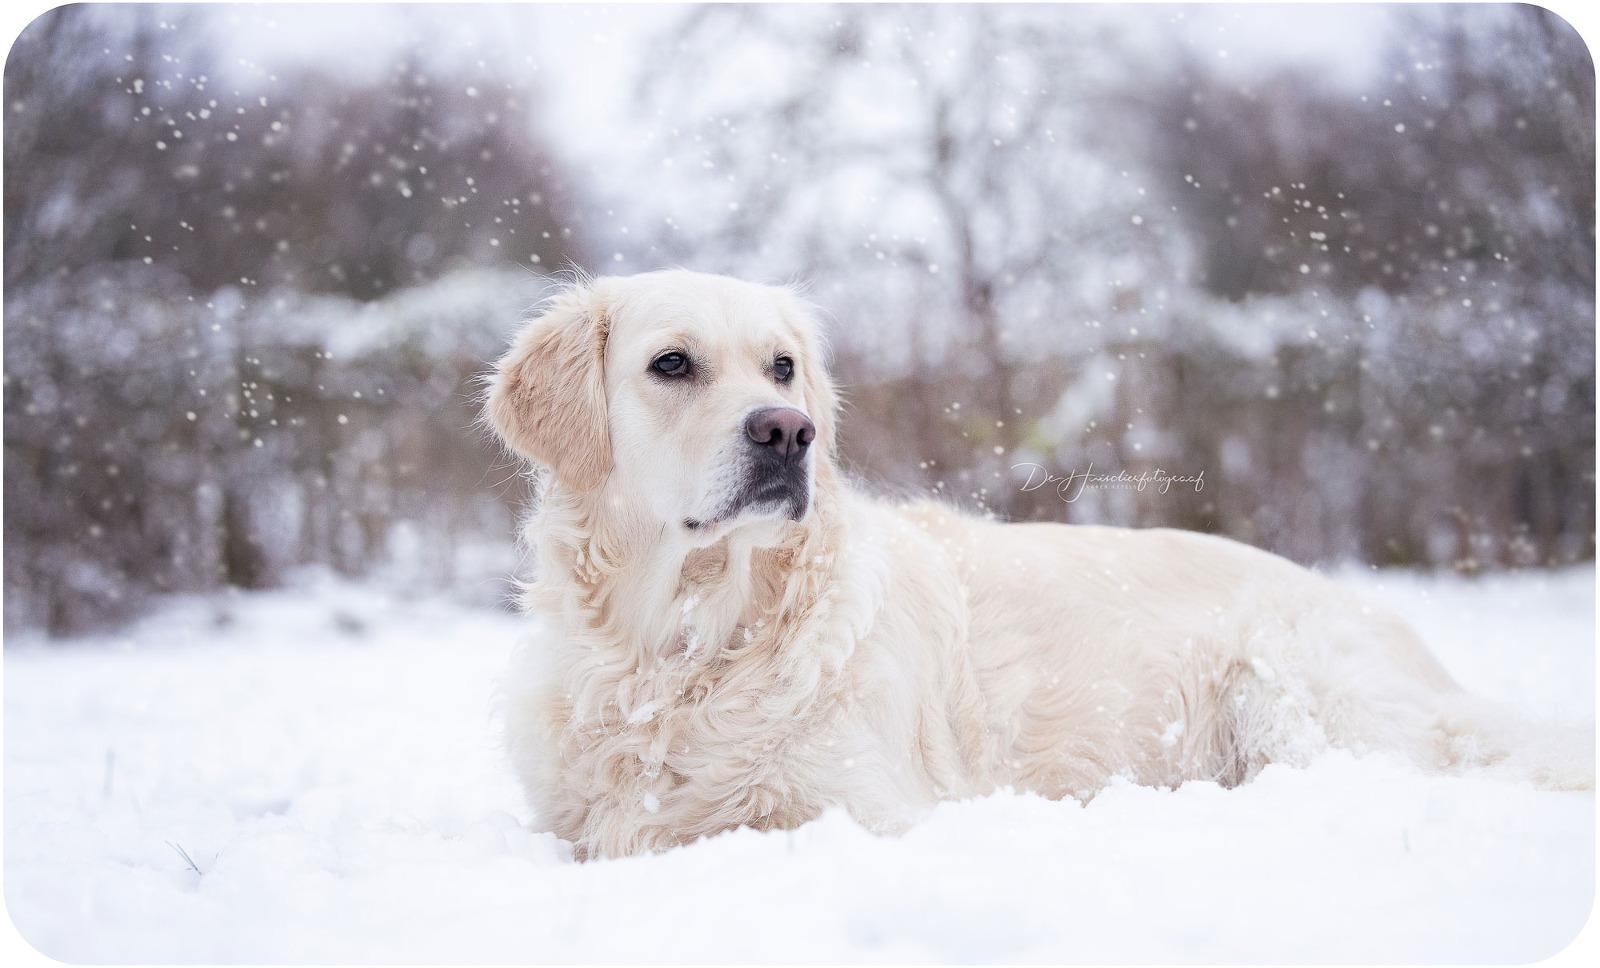 Winterportret van een witte golden retriever in de sneeuw. Portret door De Huisdierfotograaf.